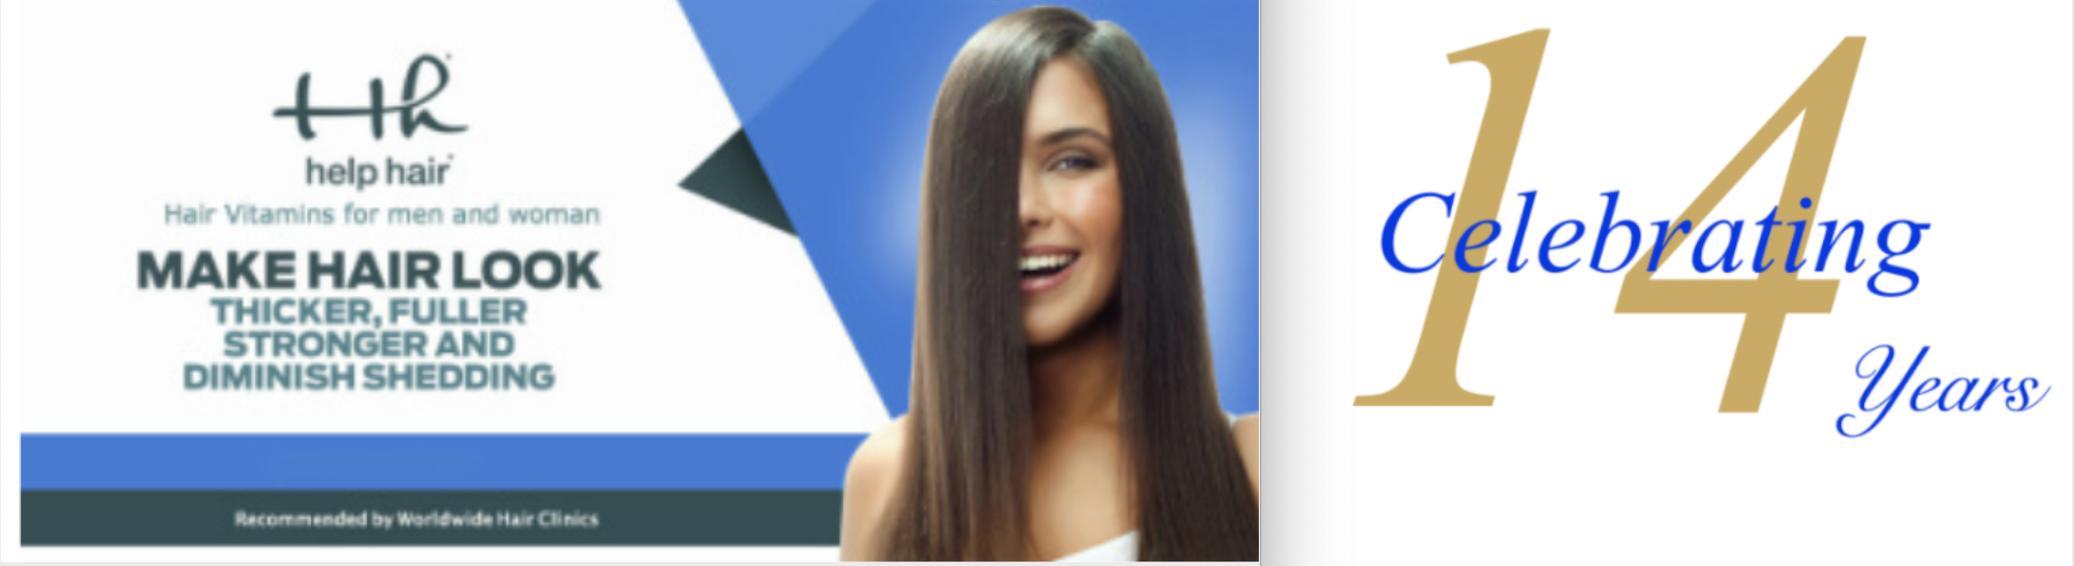 celebrating-14-years-help-hair-vitamins.png